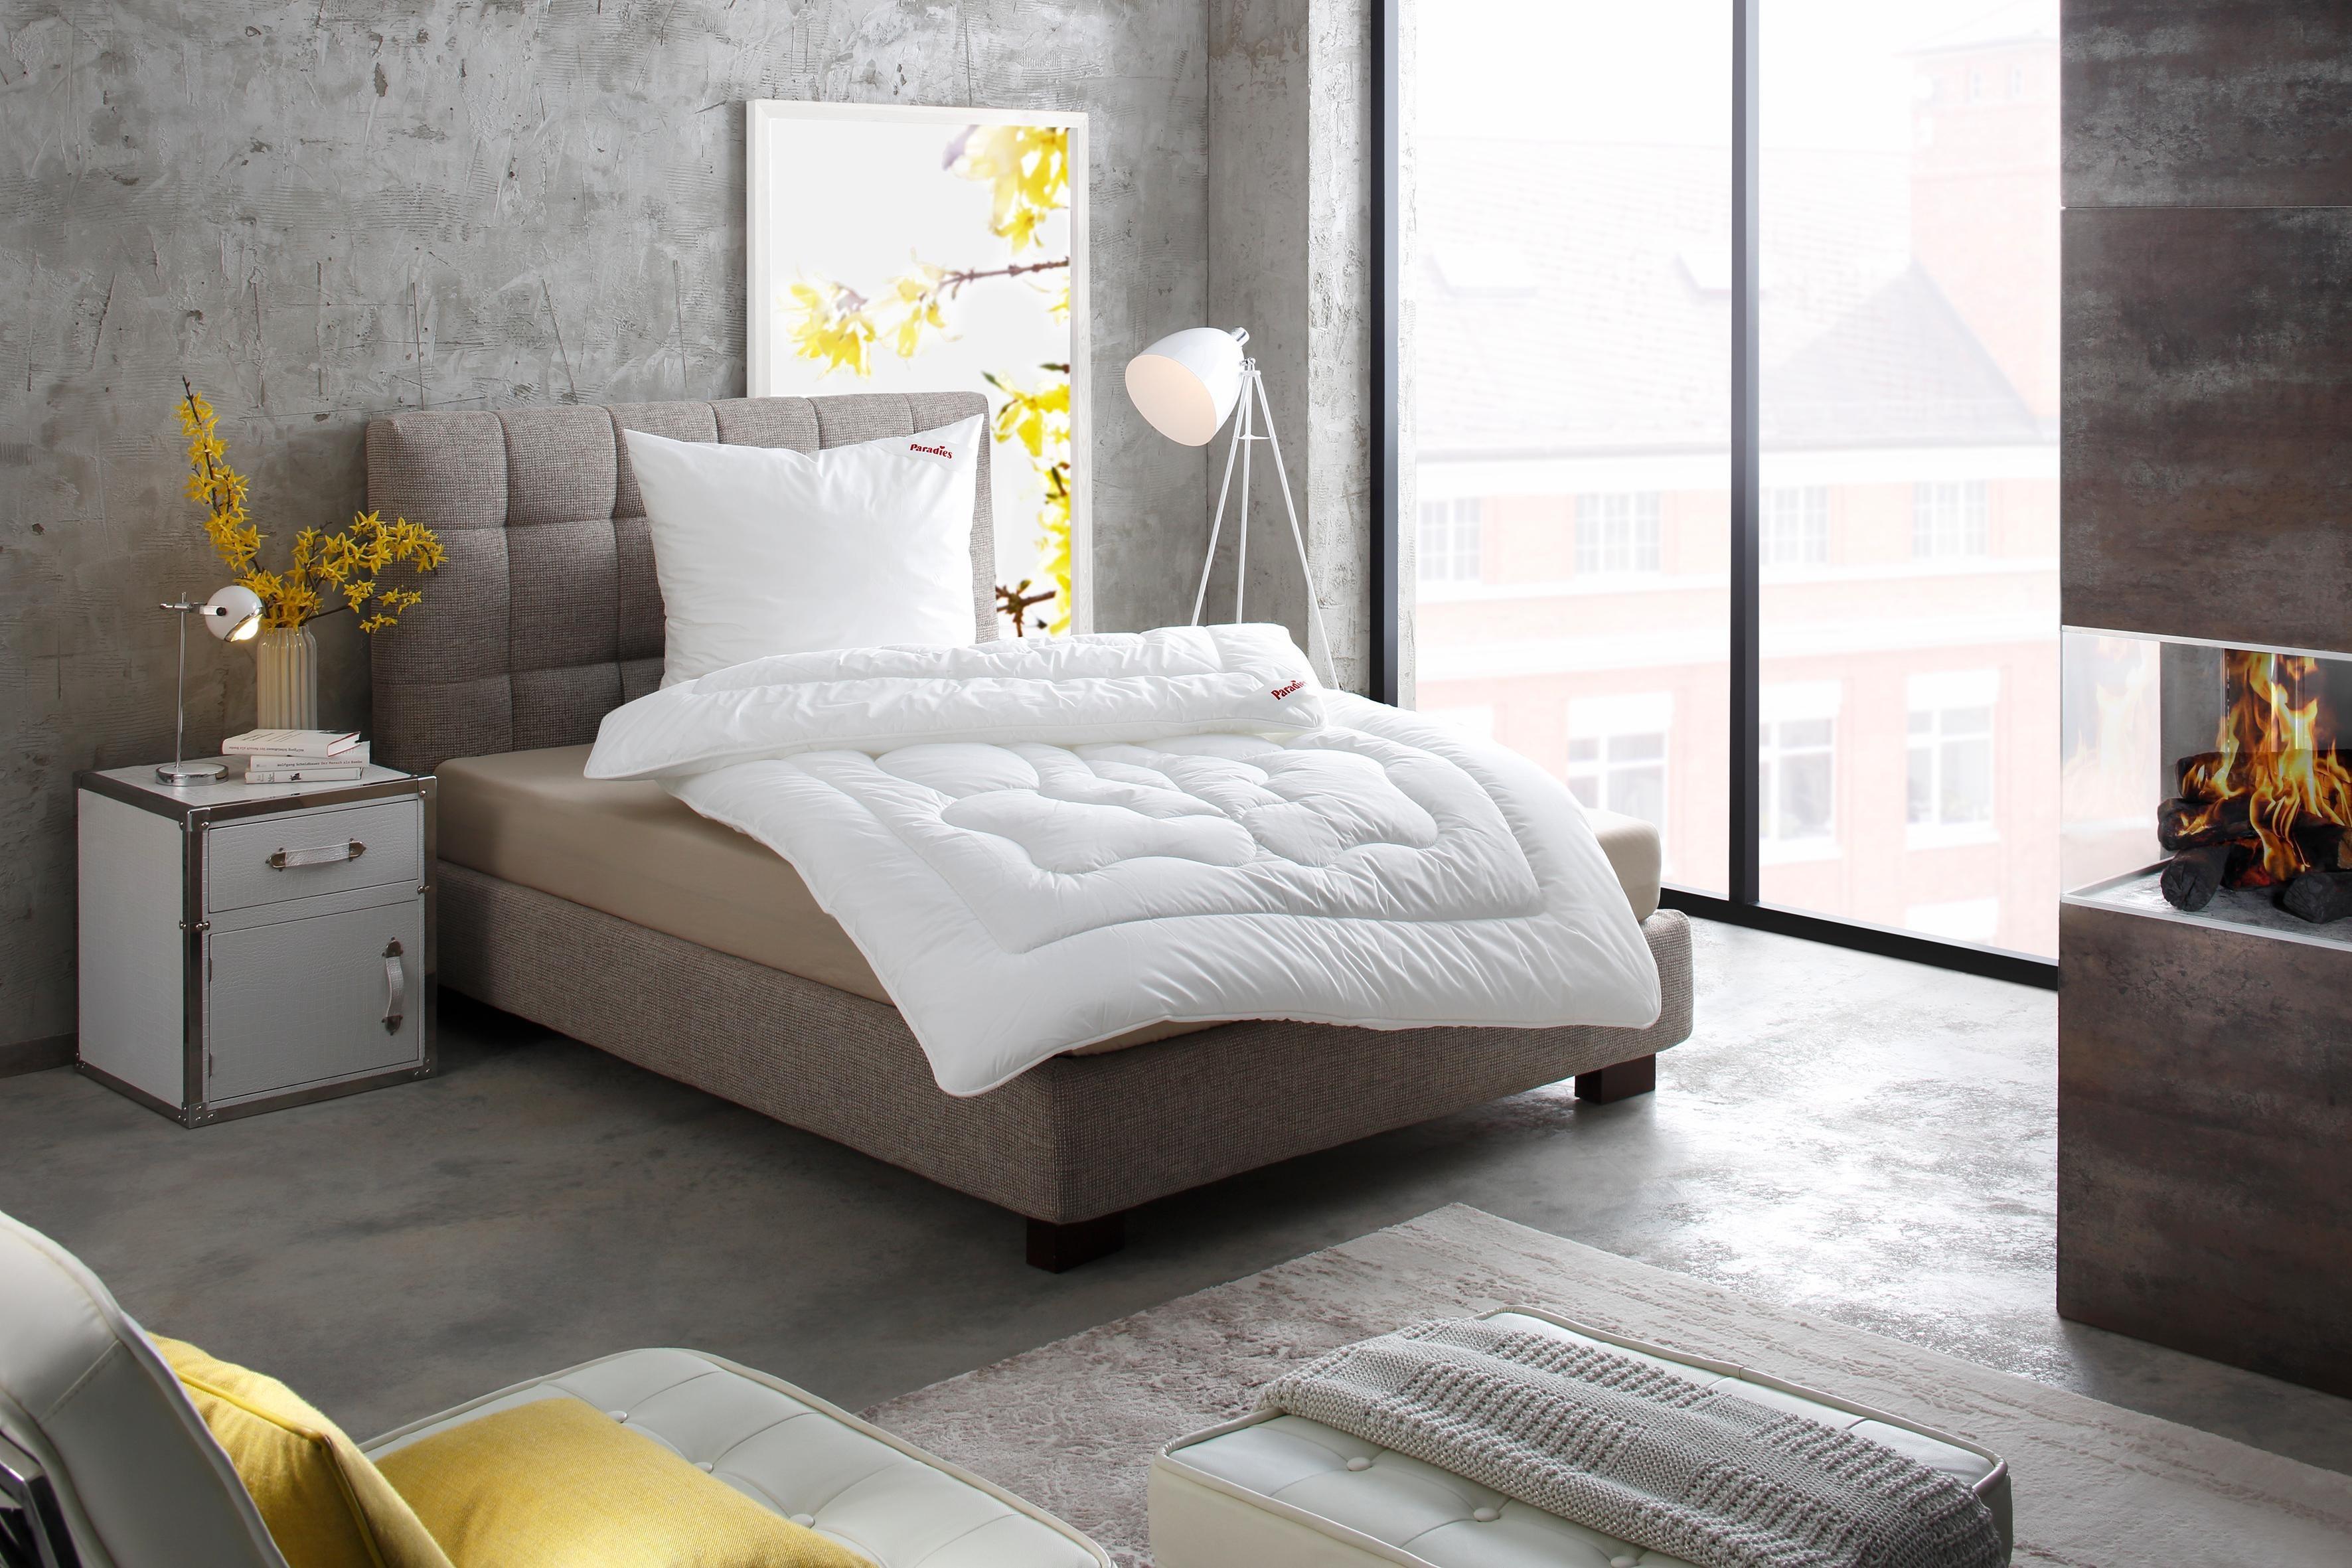 Kunstfaserbettdecke, »Prima-Duett«, Paradies, warm, (1-tlg) | Heimtextilien > Decken und Kissen > Bettdecken | Baumwolle | Paradies